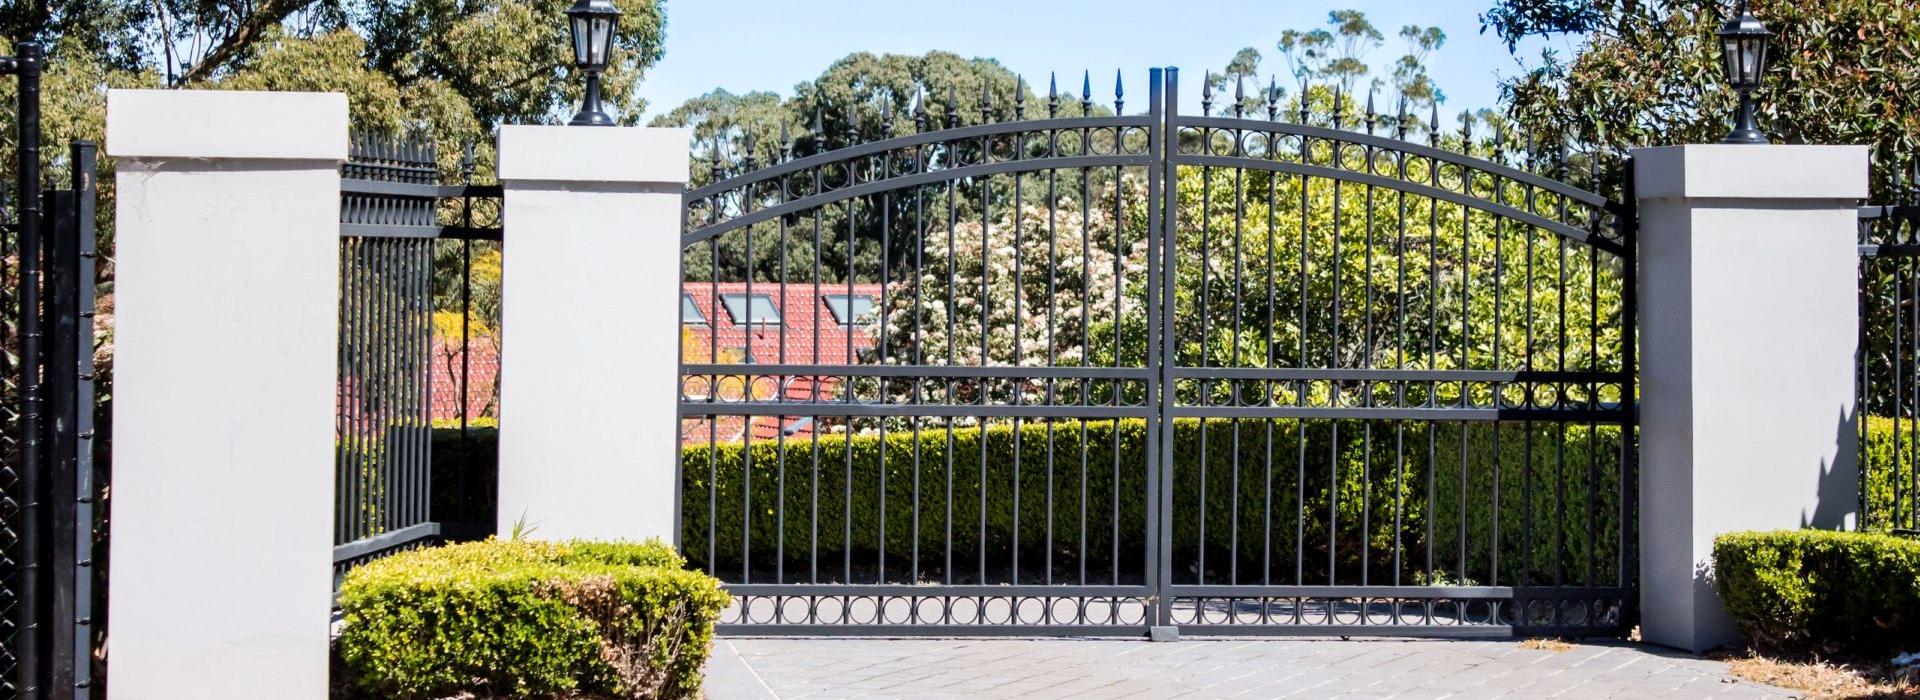 Custom Gate for Home